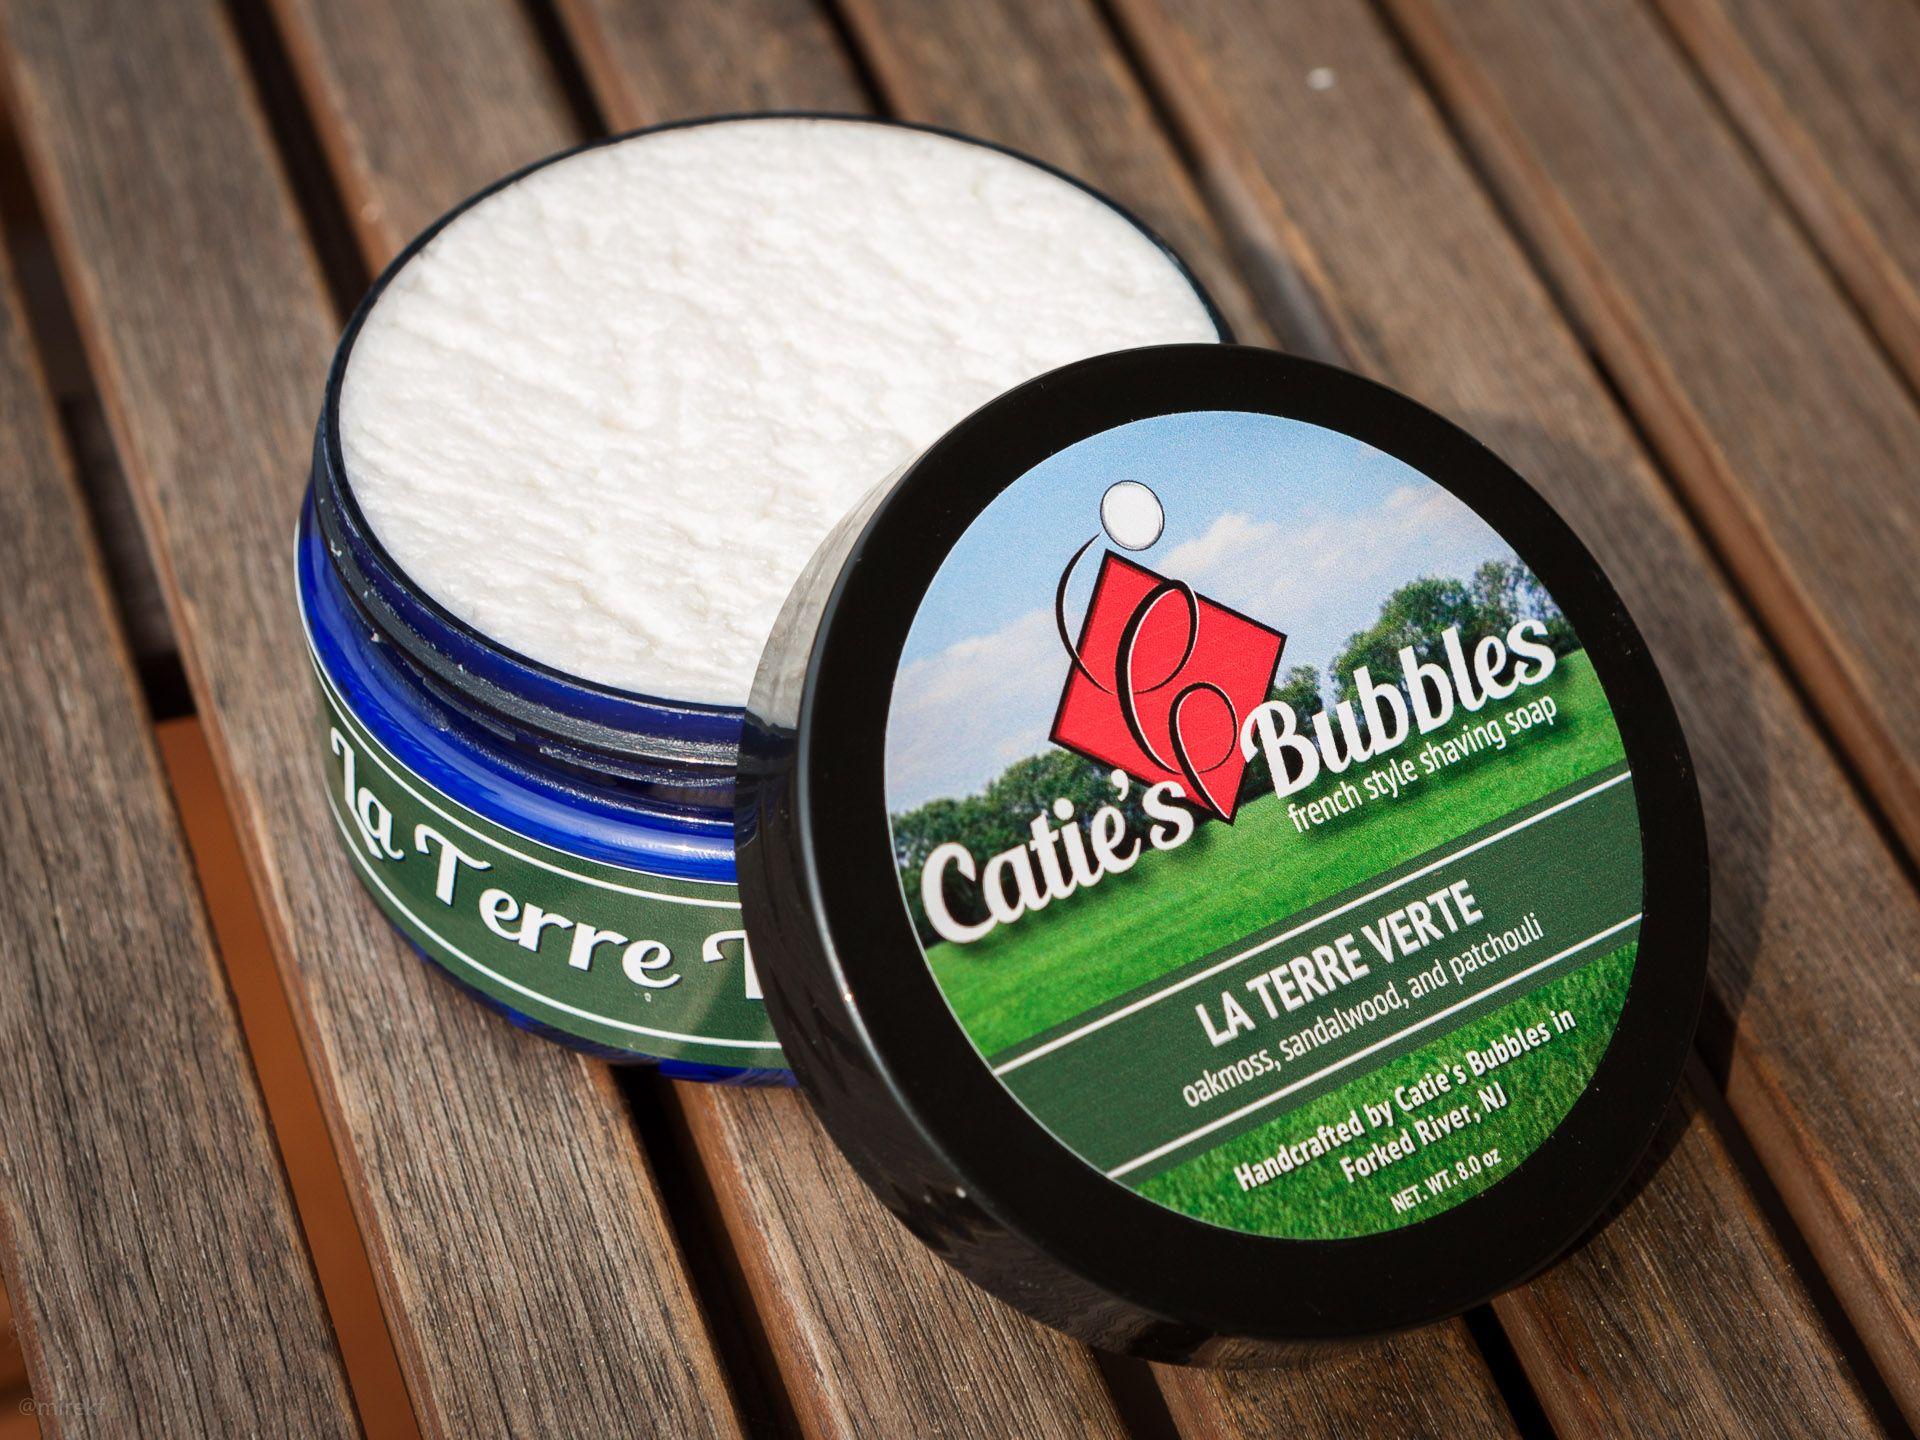 Mydło do golenia Catie's Bubbles La Terre Verte